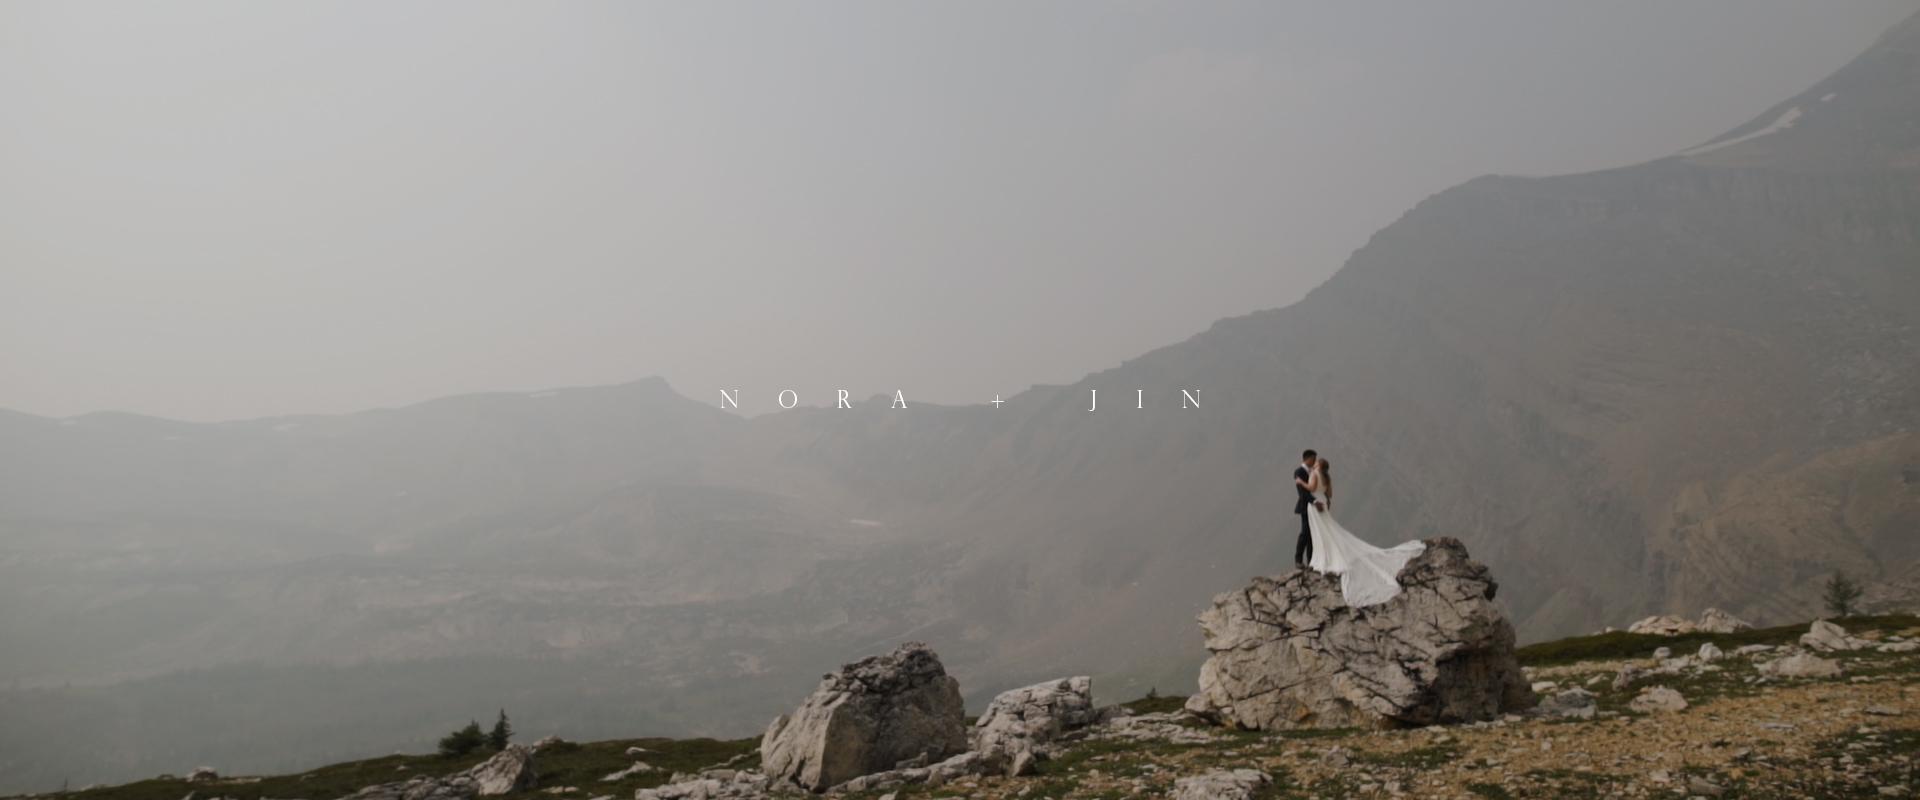 Nora + Jin | Banff, Canada | Hidden Lake